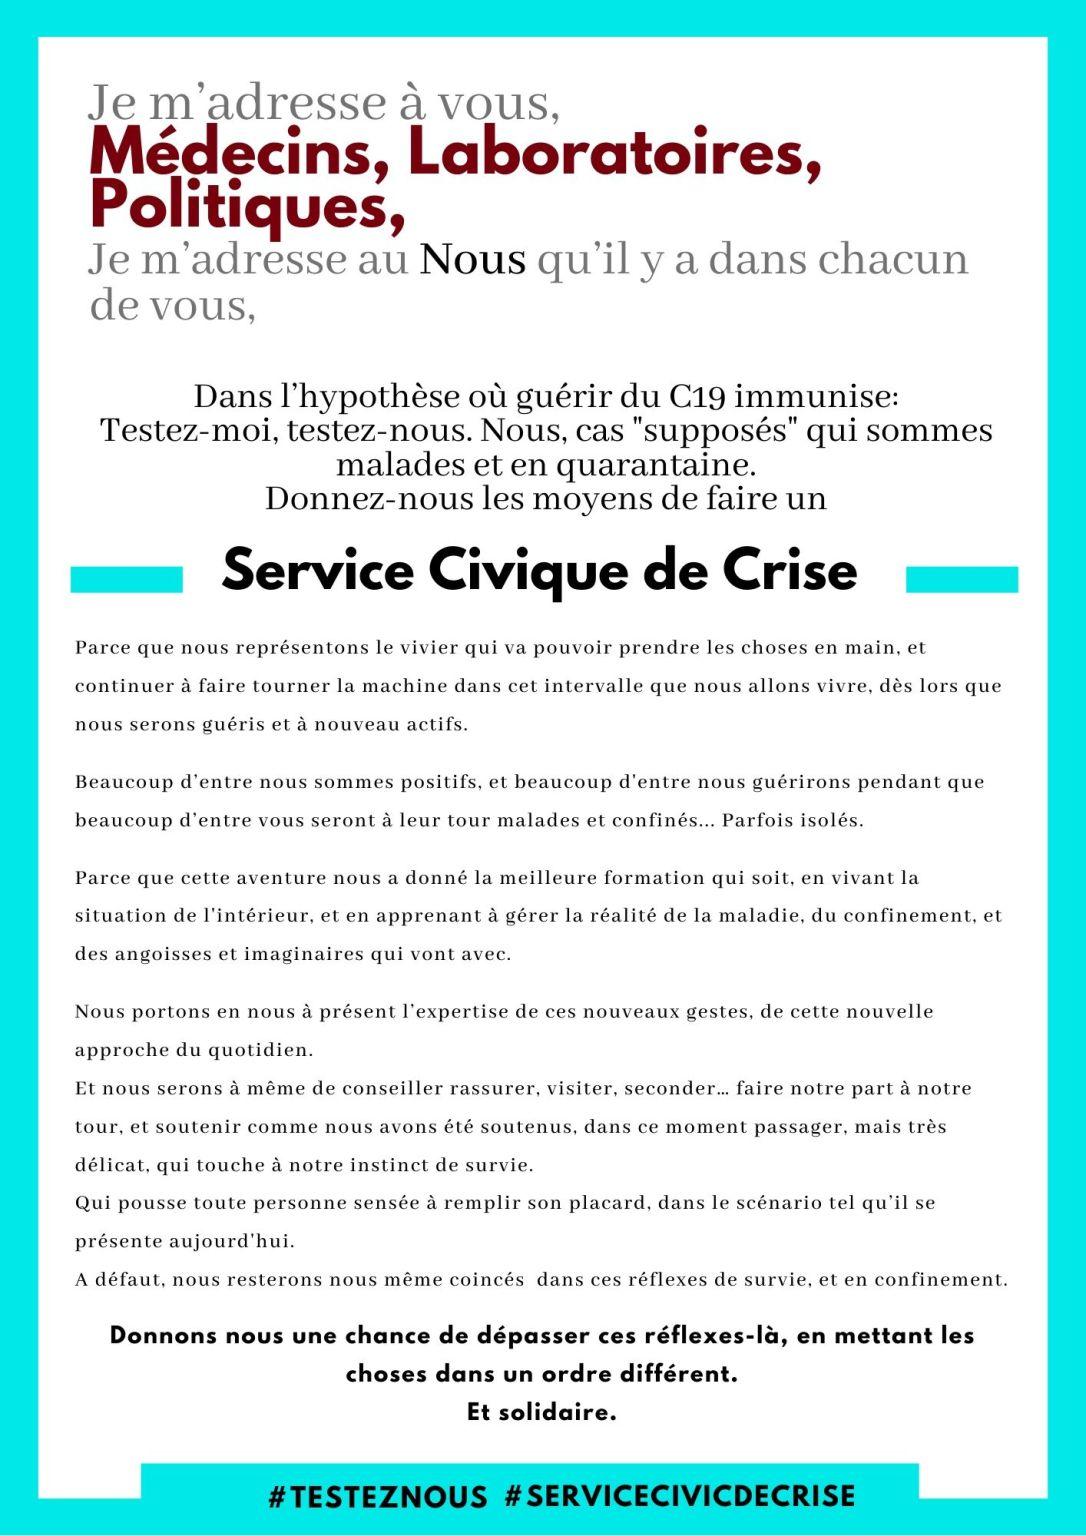 Service Civique de Crise